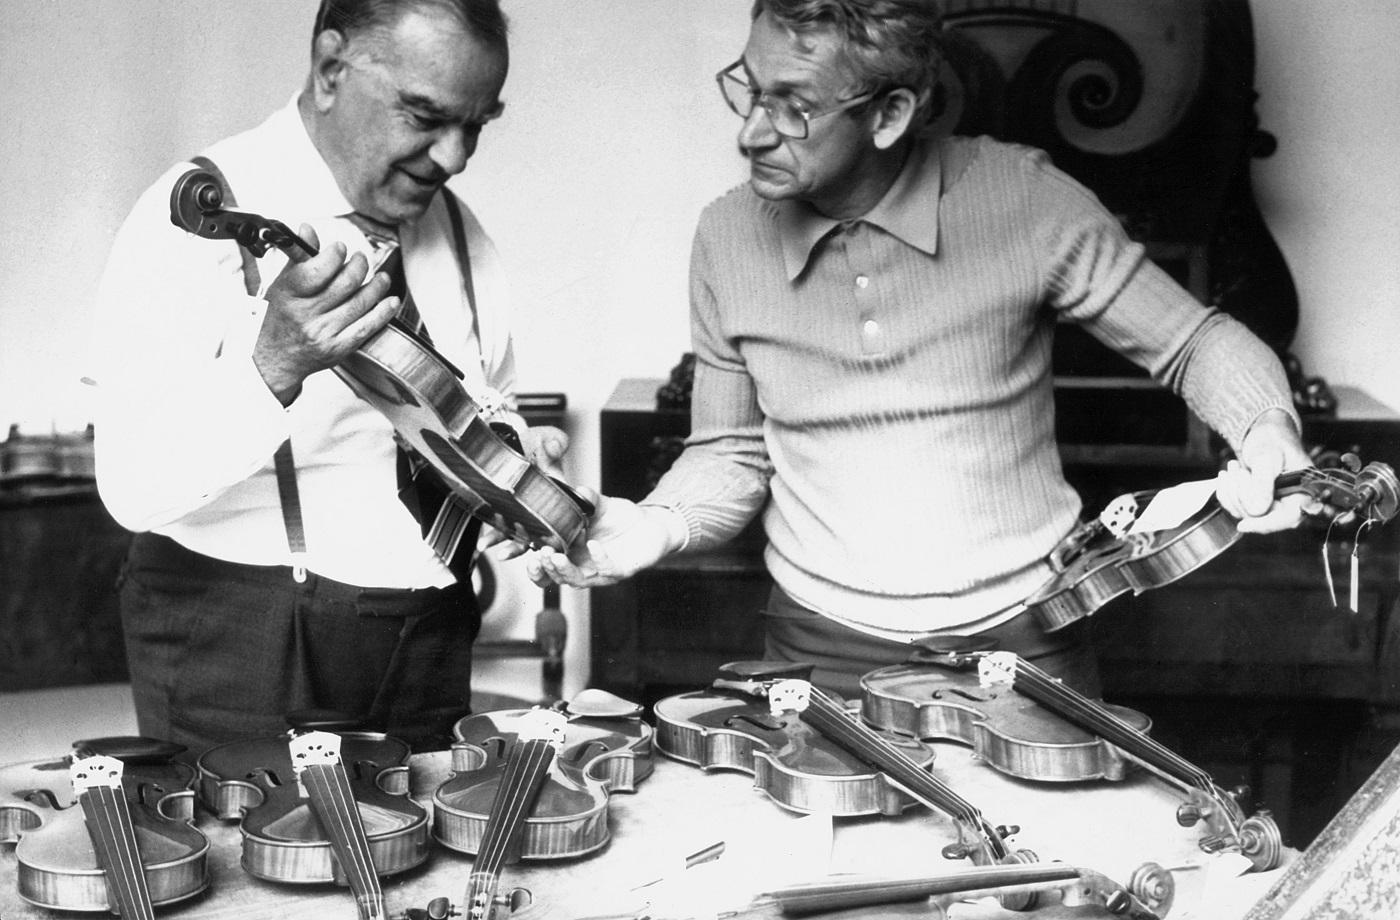 5. Międzynarodowy Konkurs Lutniczy im. Henryka Wieniawskiego (1977) w fotografii